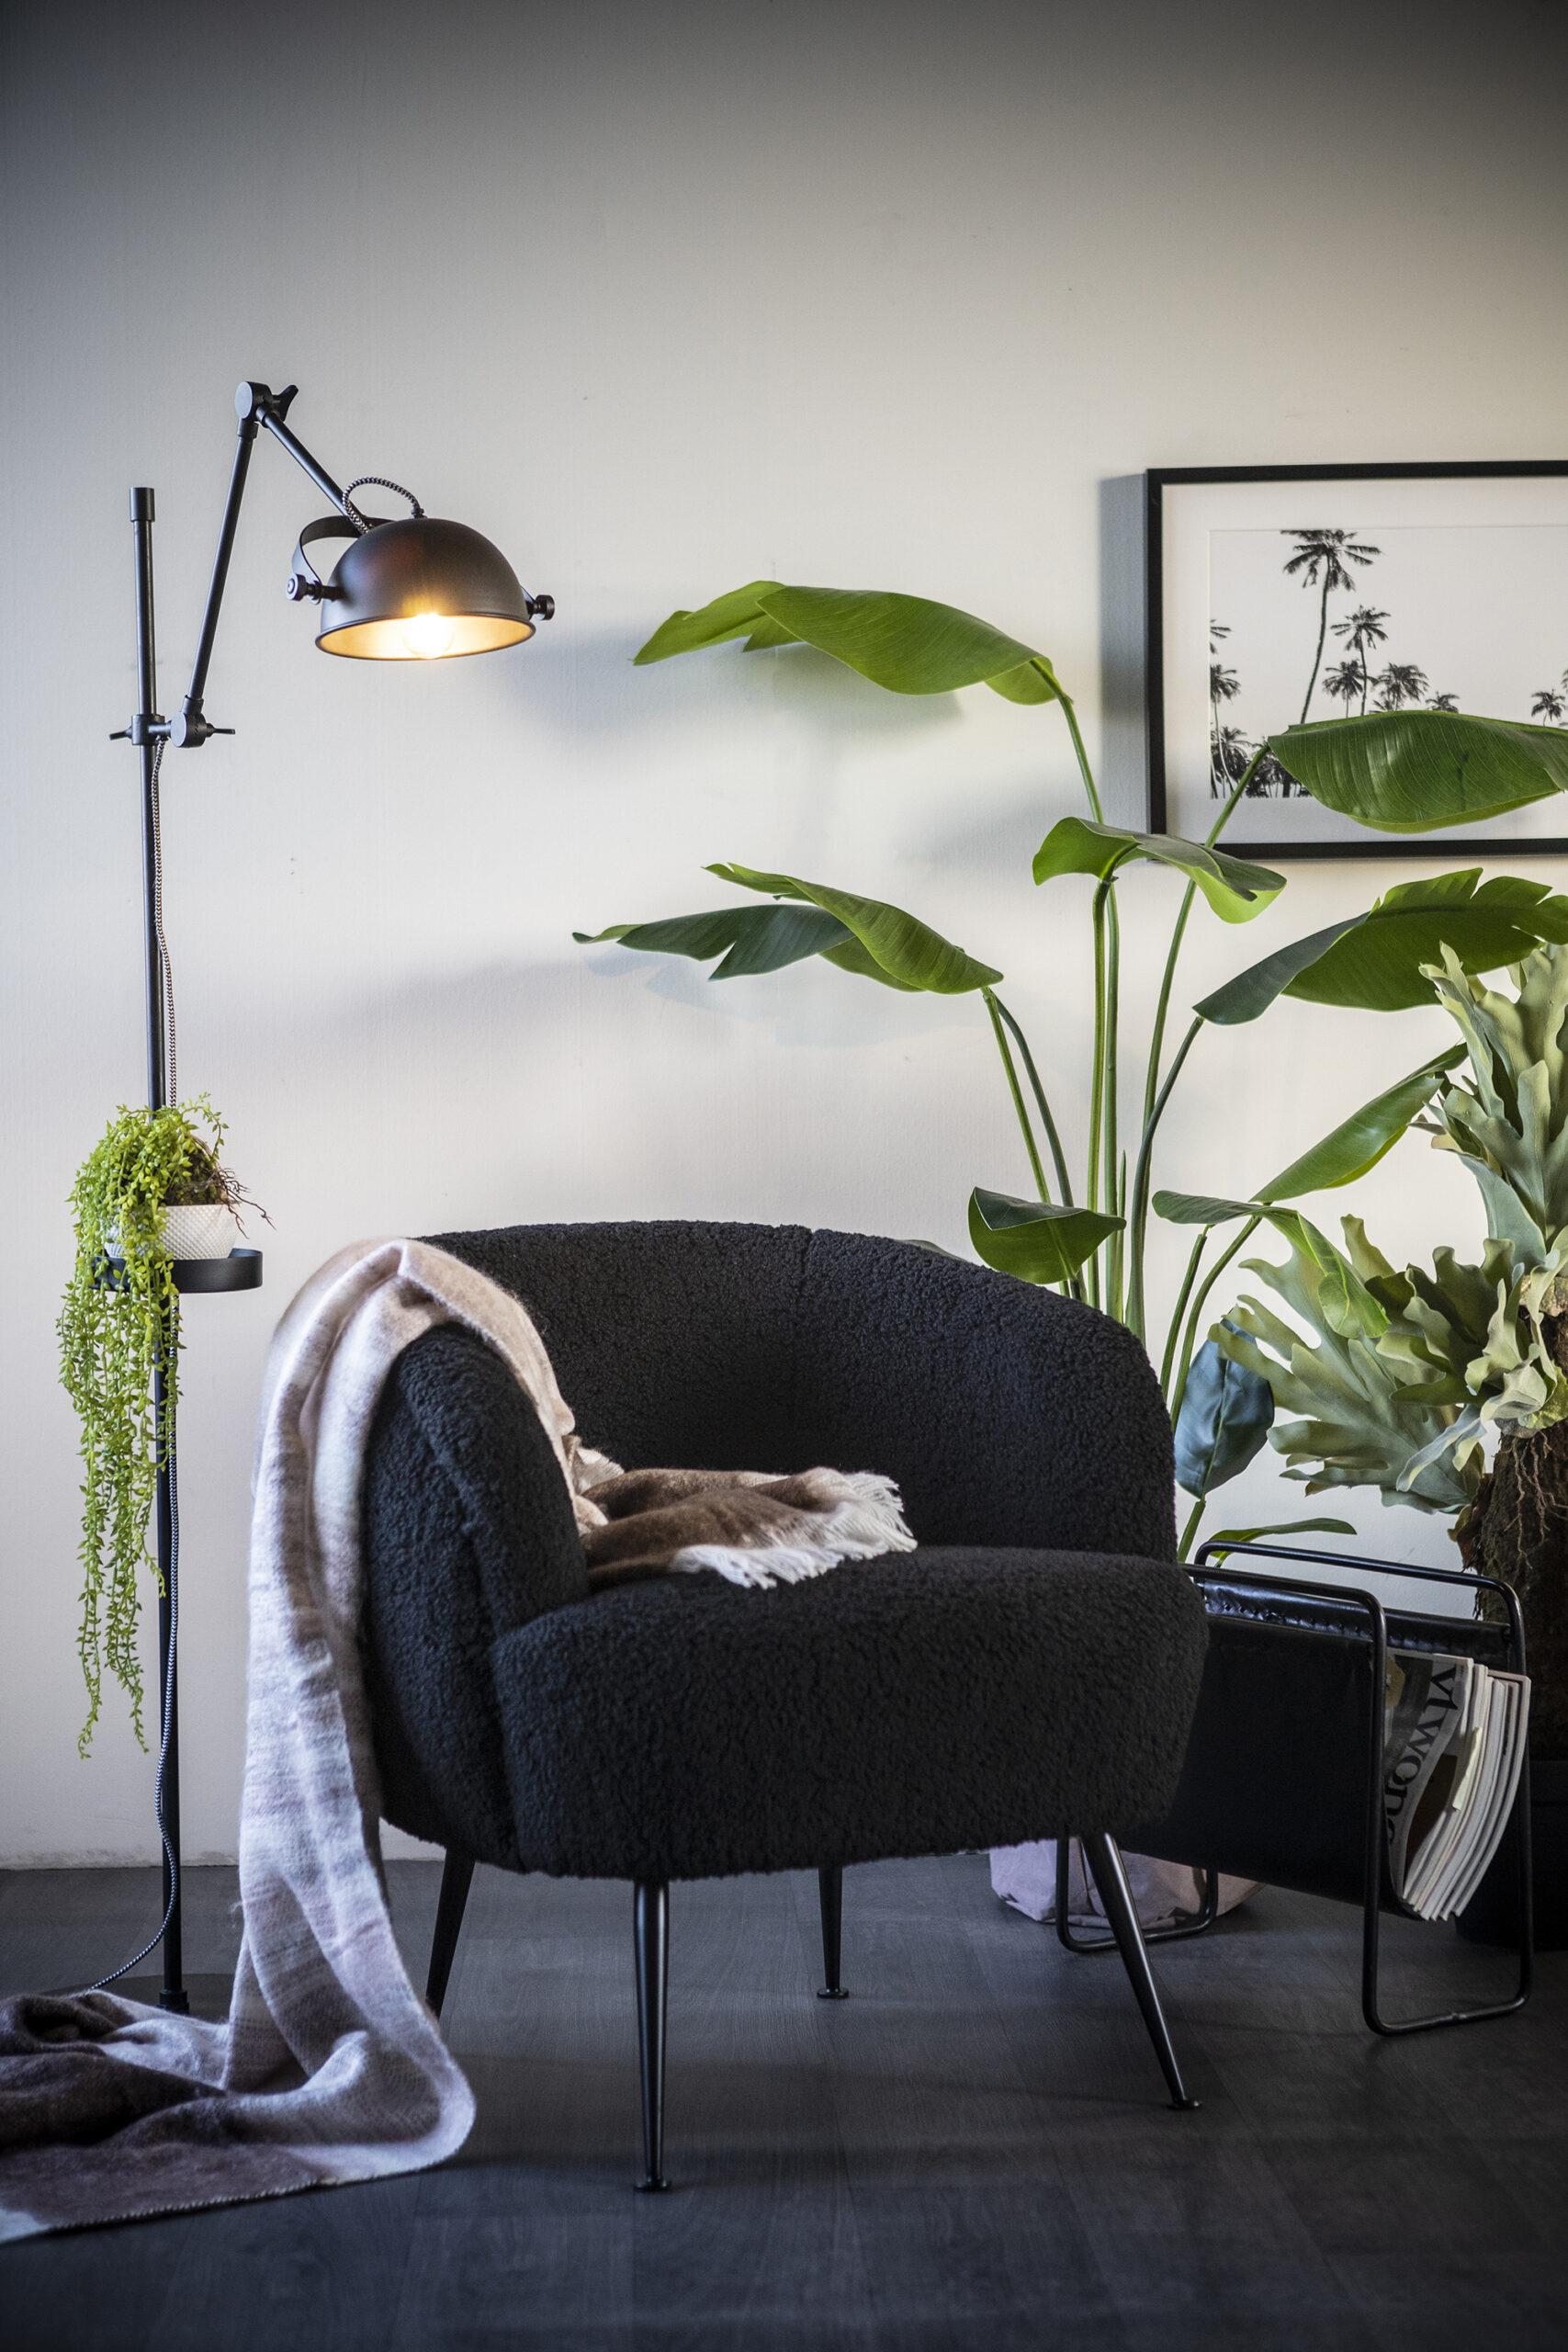 babe fauteuil zwart voor een warm interieur